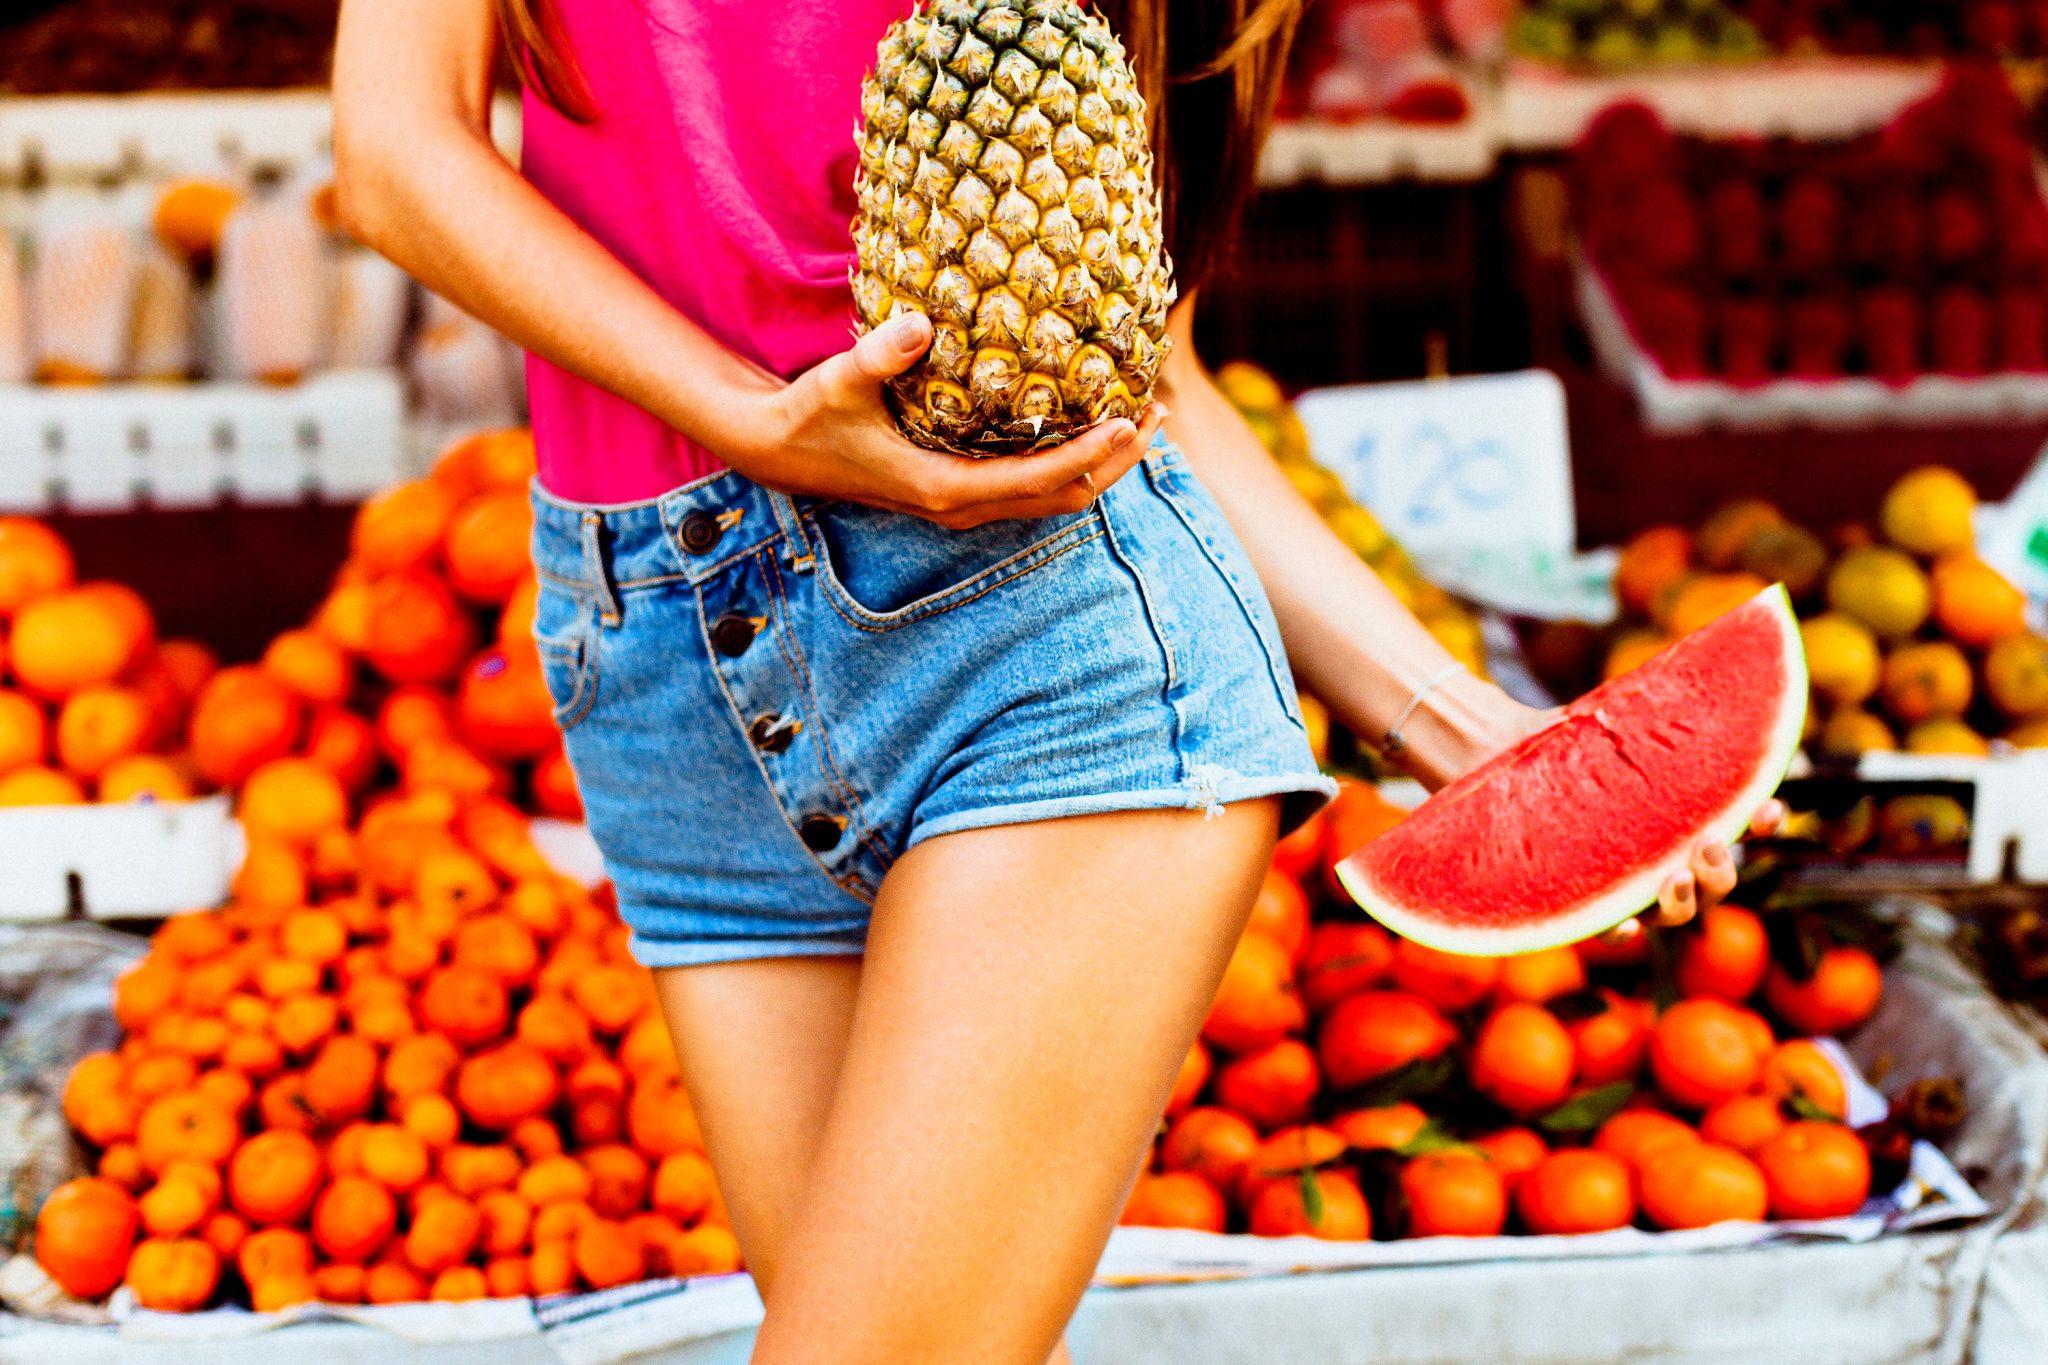 スイカとパイナップルを持っている女性